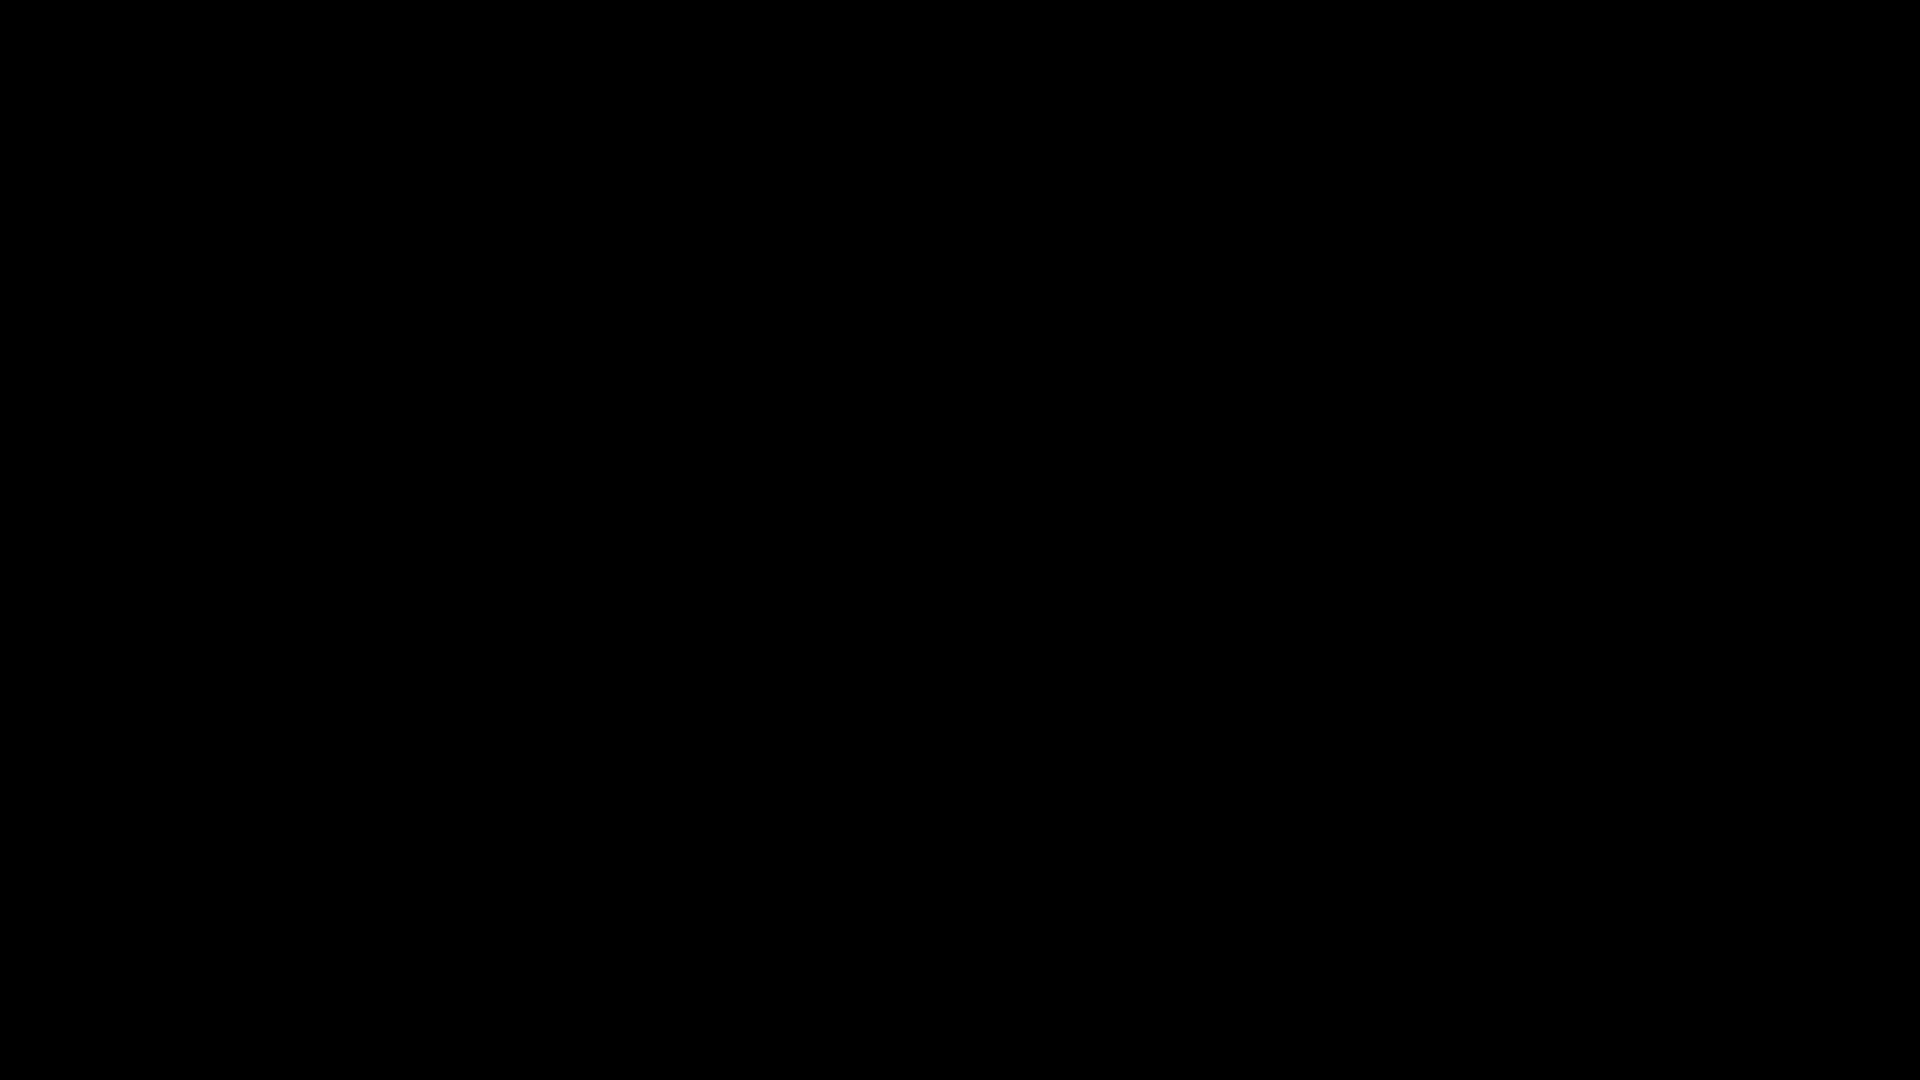 アダルトエロ動画 ▲2017_26位▲ うんこをたくさん集めました。トイレの神様 Vol.12 怪盗ジョーカー